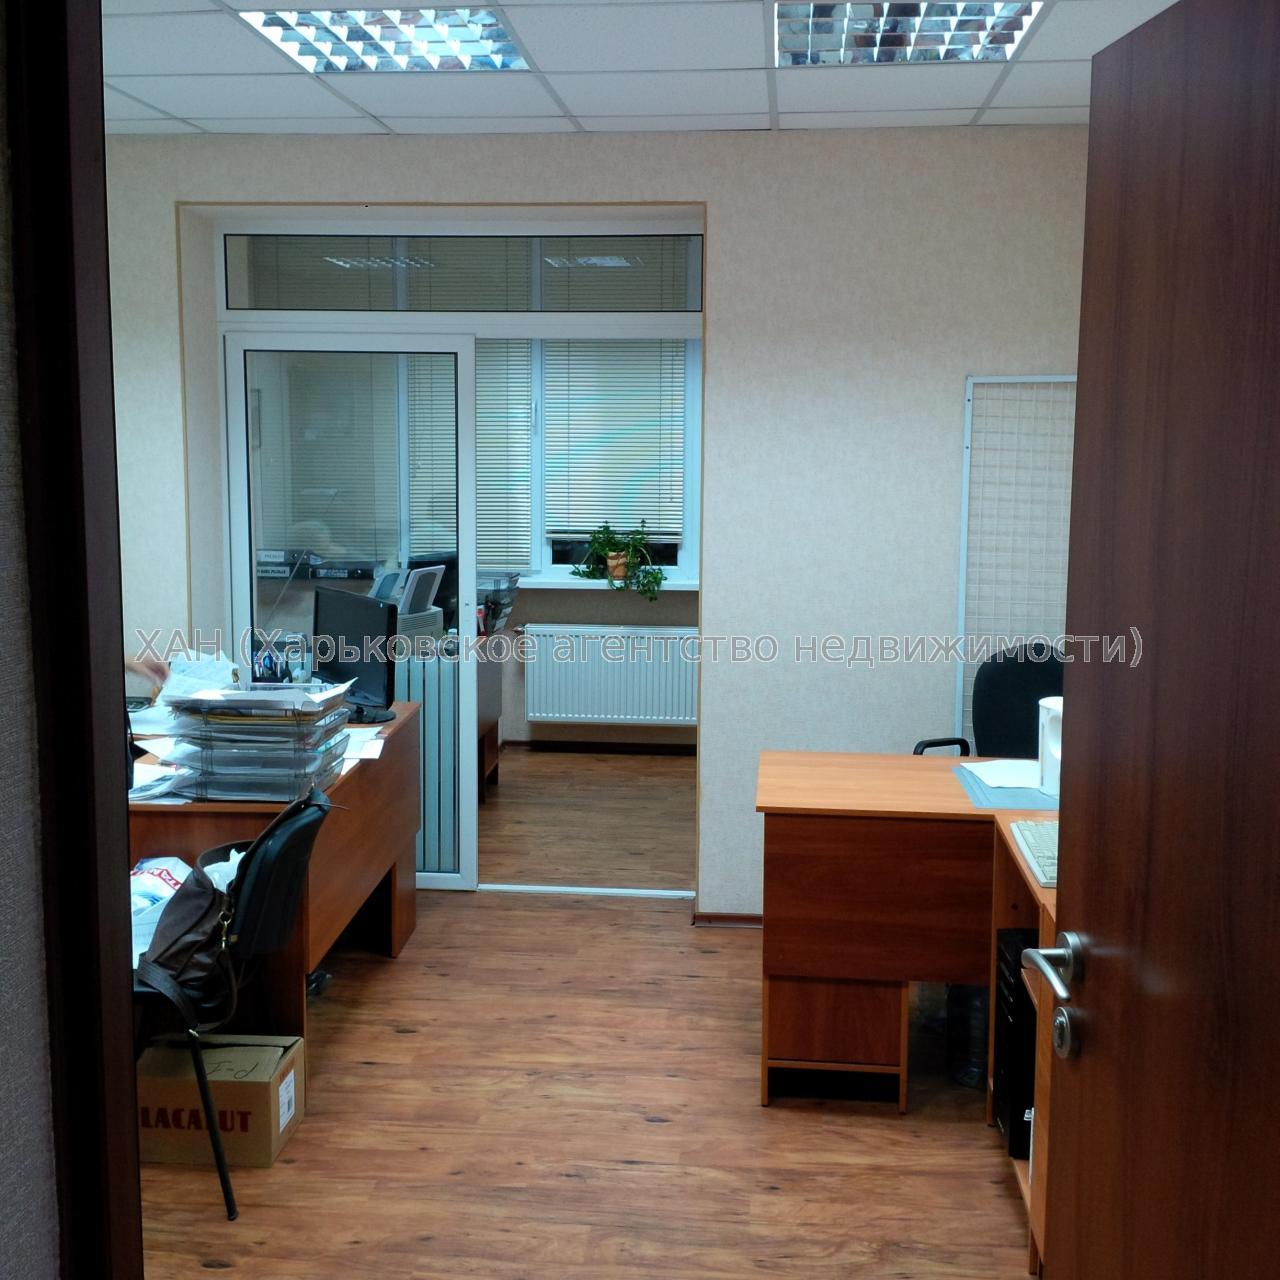 Продам офис в многоквартирном доме Харьков, Лебединская ул. 2